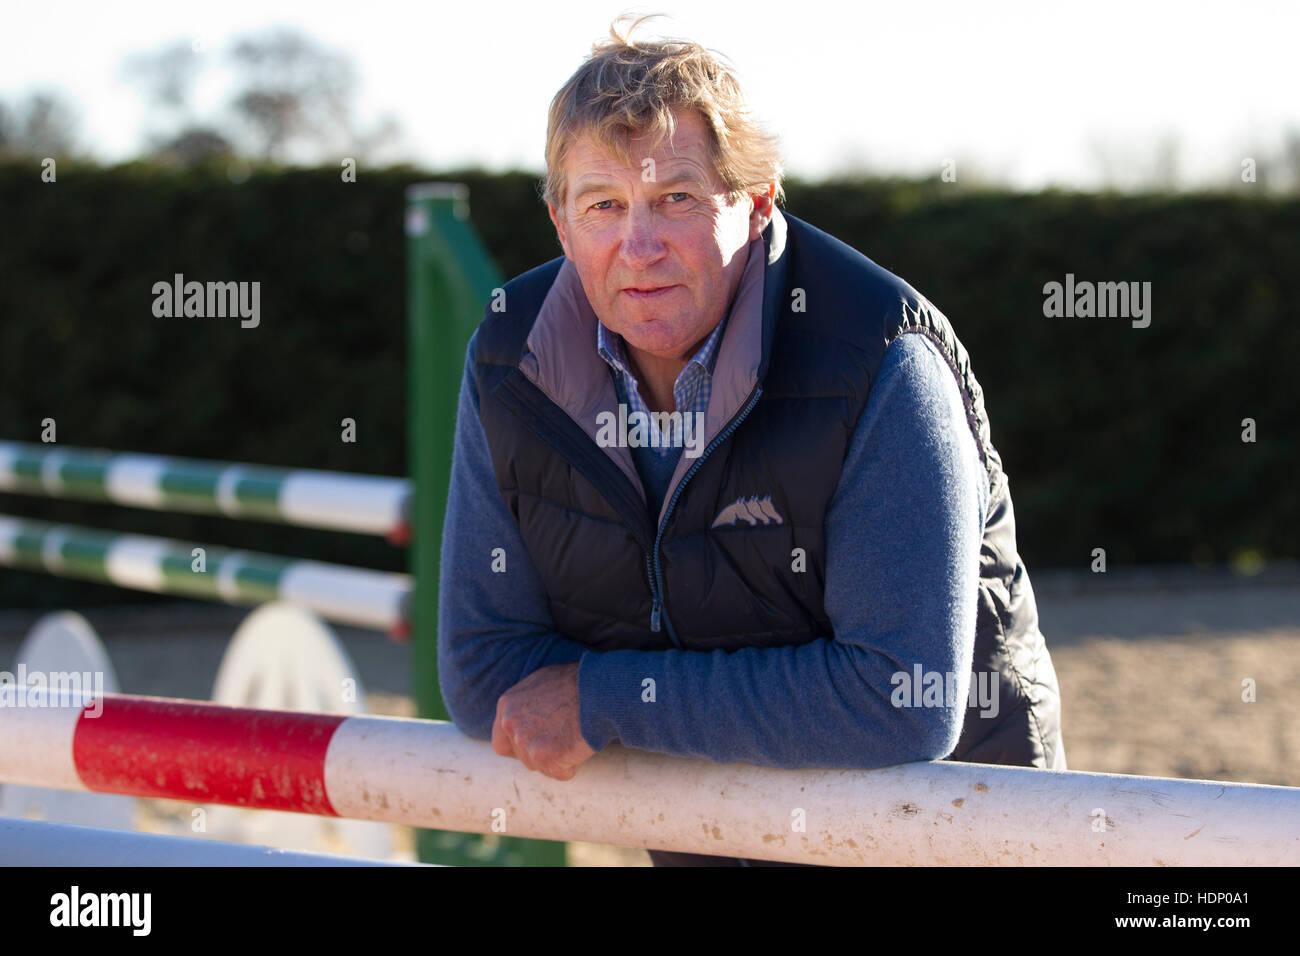 L'or olympique vainqueur Nick Skelton Vickie donne Pendleton et Frankie Dettori une masterclass, cso, Alcester Photo Stock